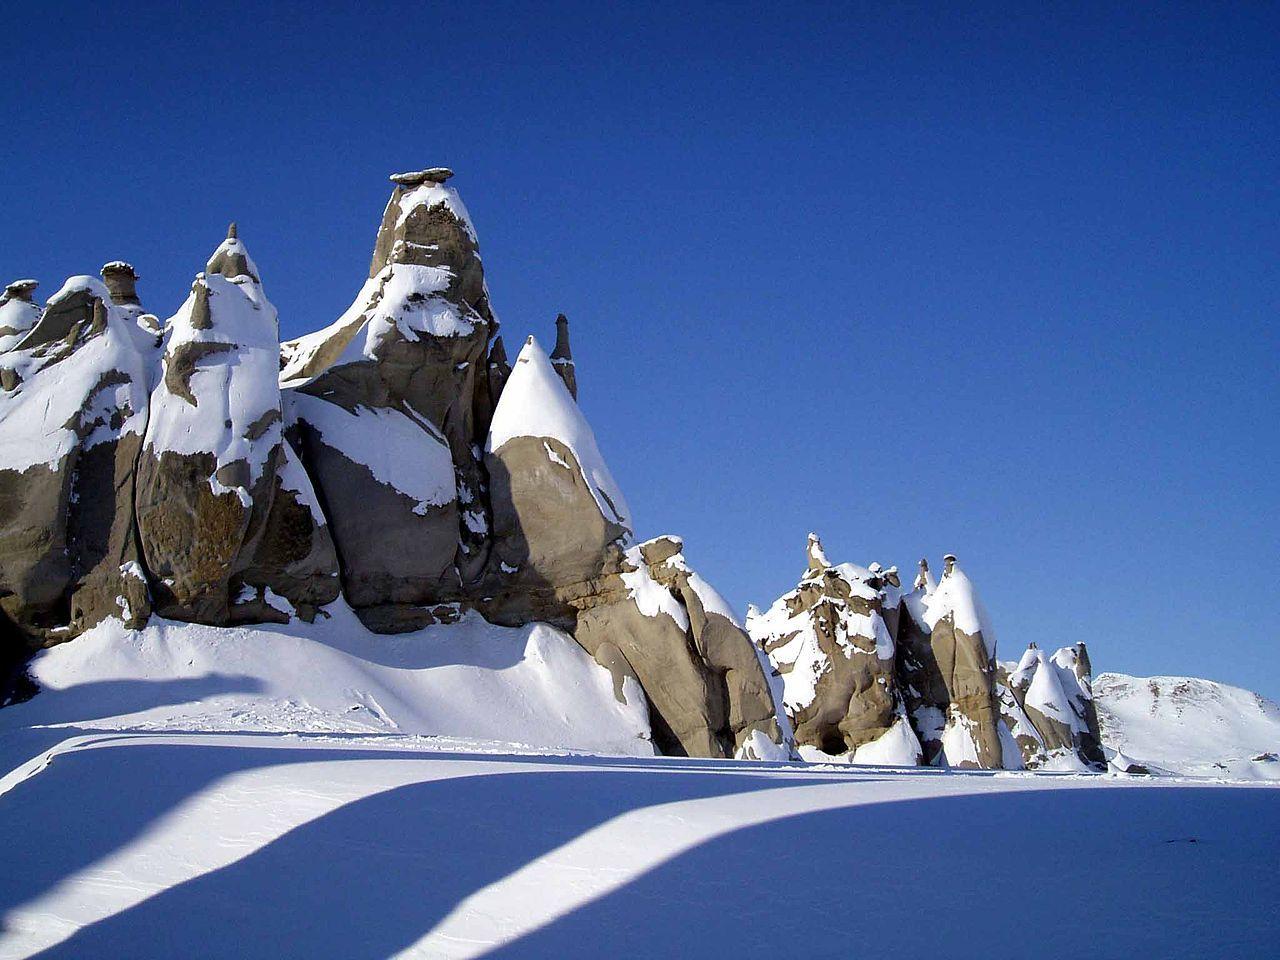 1280px-Hoodoos_on_Bylot_Island,_Nunavut